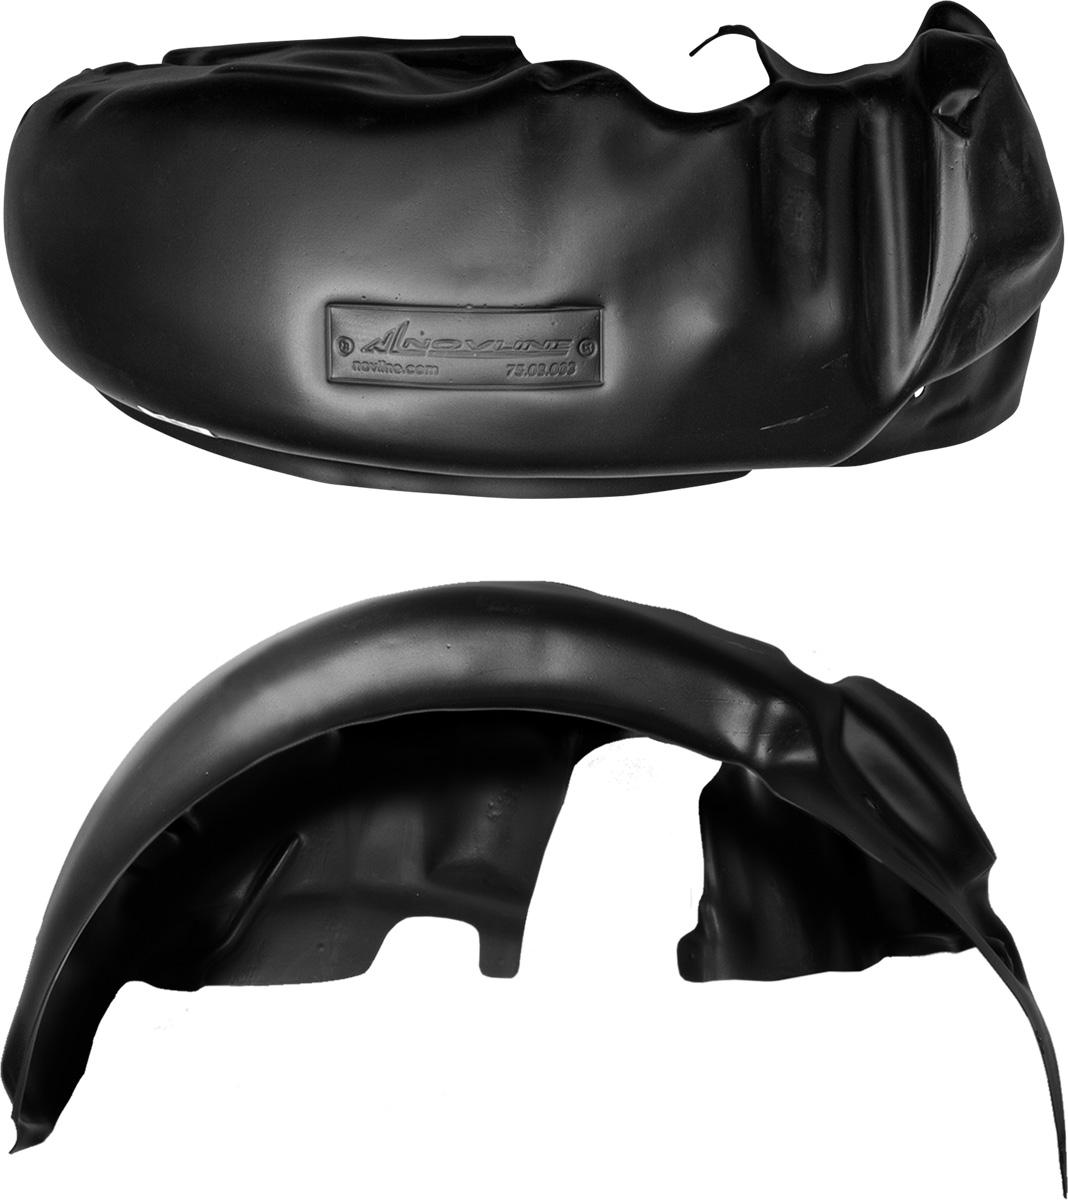 Подкрылок NISSAN Tiida, 2010-2015, задний правыйSATURN CANCARDКолесные ниши – одни из самых уязвимых зон днища вашего автомобиля. Они постоянно подвергаются воздействию со стороны дороги. Лучшая, почти абсолютная защита для них - специально отформованные пластиковые кожухи, которые называются подкрылками, или локерами. Производятся они как для отечественных моделей автомобилей, так и для иномарок. Подкрылки выполнены из высококачественного, экологически чистого пластика. Обеспечивают надежную защиту кузова автомобиля от пескоструйного эффекта и негативного влияния, агрессивных антигололедных реагентов. Пластик обладает более низкой теплопроводностью, чем металл, поэтому в зимний период эксплуатации использование пластиковых подкрылков позволяет лучше защитить колесные ниши от налипания снега и образования наледи. Оригинальность конструкции подчеркивает элегантность автомобиля, бережно защищает нанесенное на днище кузова антикоррозийное покрытие и позволяет осуществить крепление подкрылков внутри колесной арки практически без дополнительного крепежа и сверления, не нарушая при этом лакокрасочного покрытия, что предотвращает возникновение новых очагов коррозии. Технология крепления подкрылков на иномарки принципиально отличается от крепления на российские автомобили и разрабатывается индивидуально для каждой модели автомобиля. Подкрылки долговечны, обладают высокой прочностью и сохраняют заданную форму, а также все свои физико-механические характеристики в самых тяжелых климатических условиях ( от -50° С до + 50° С).